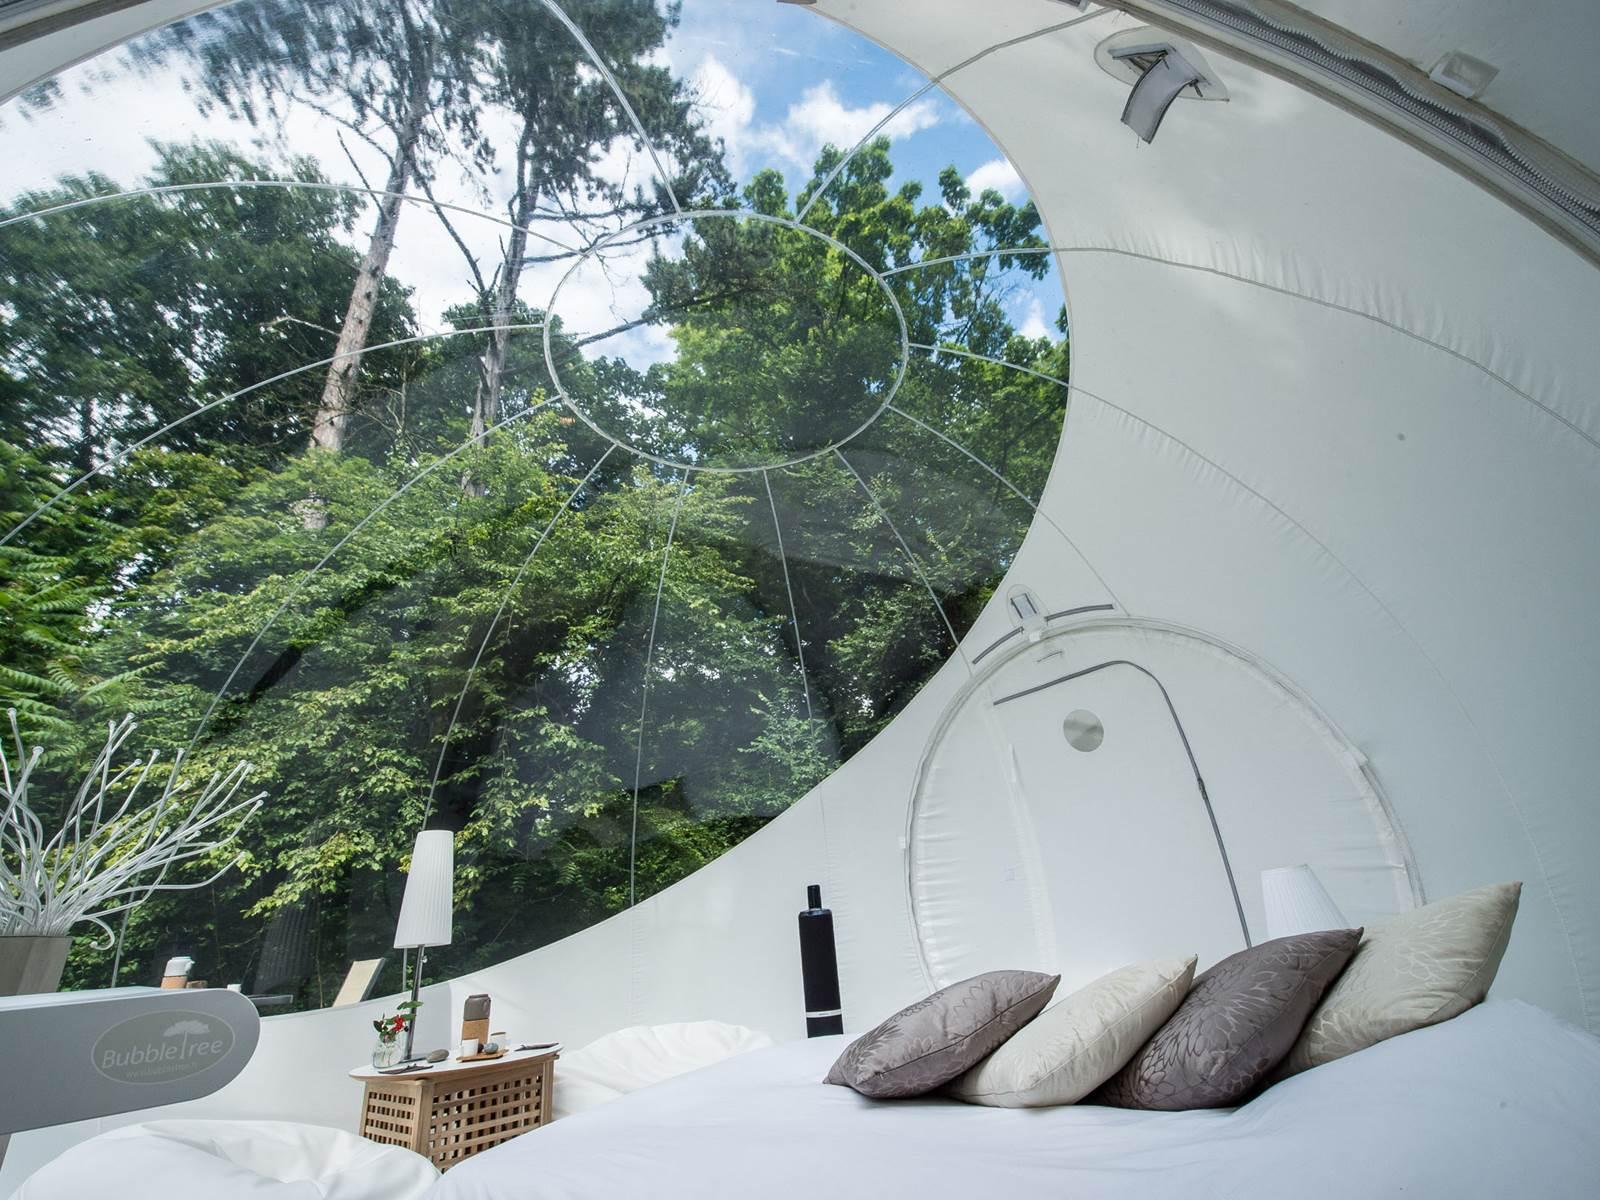 hébergement insolite  Vue d'une bulle